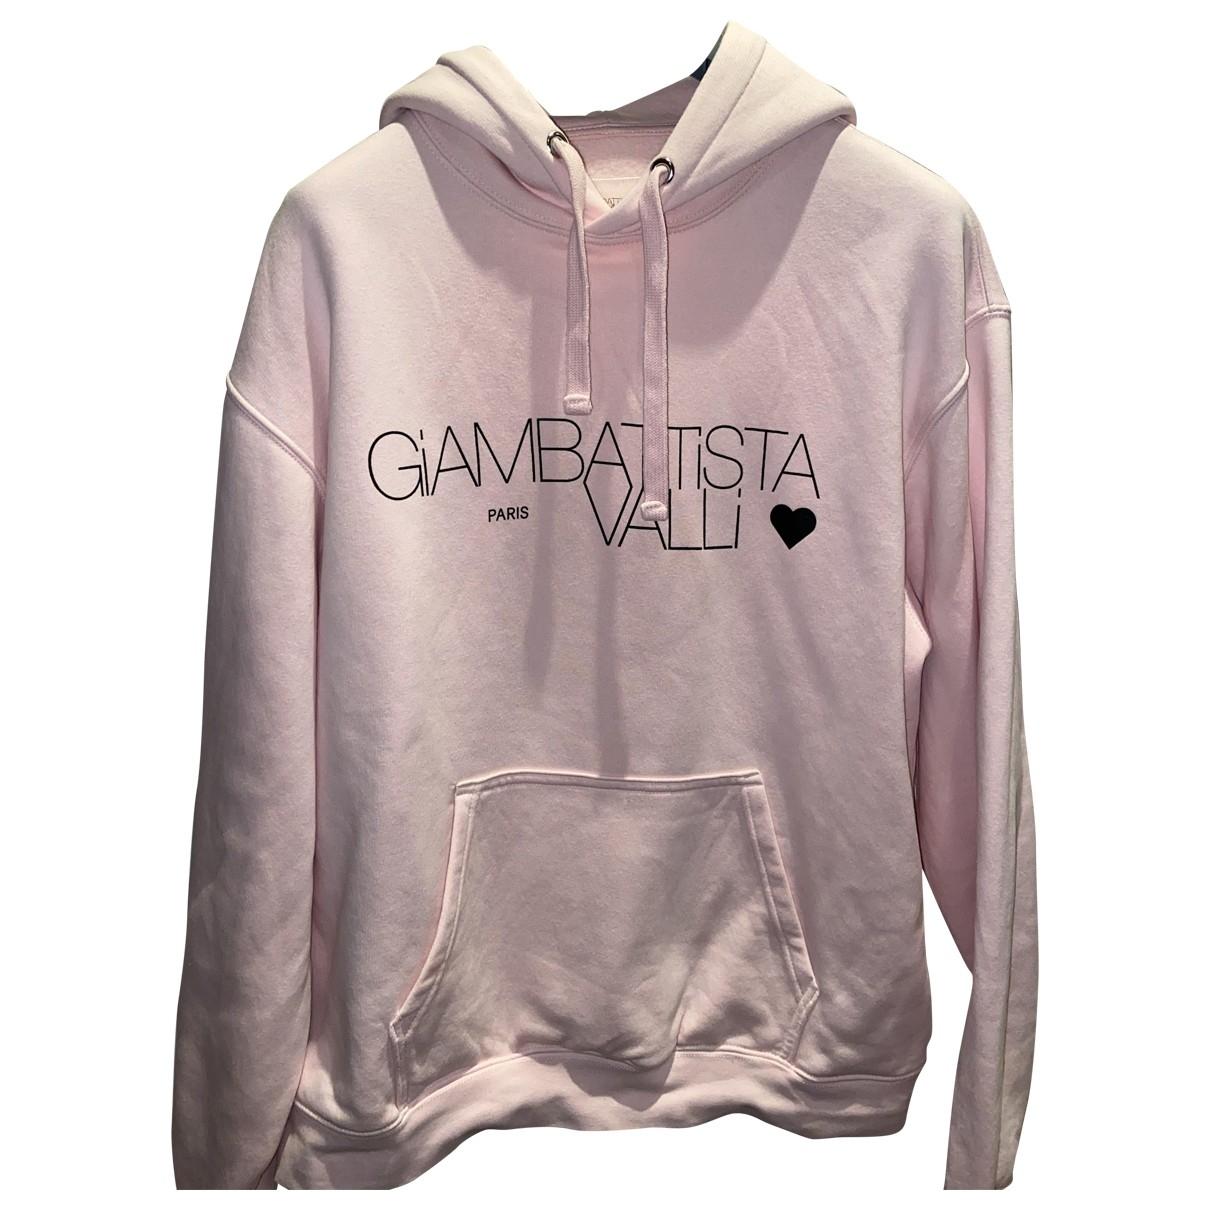 Giambattista Valli X H&m \N Pink Cotton Knitwear & Sweatshirts for Men M International